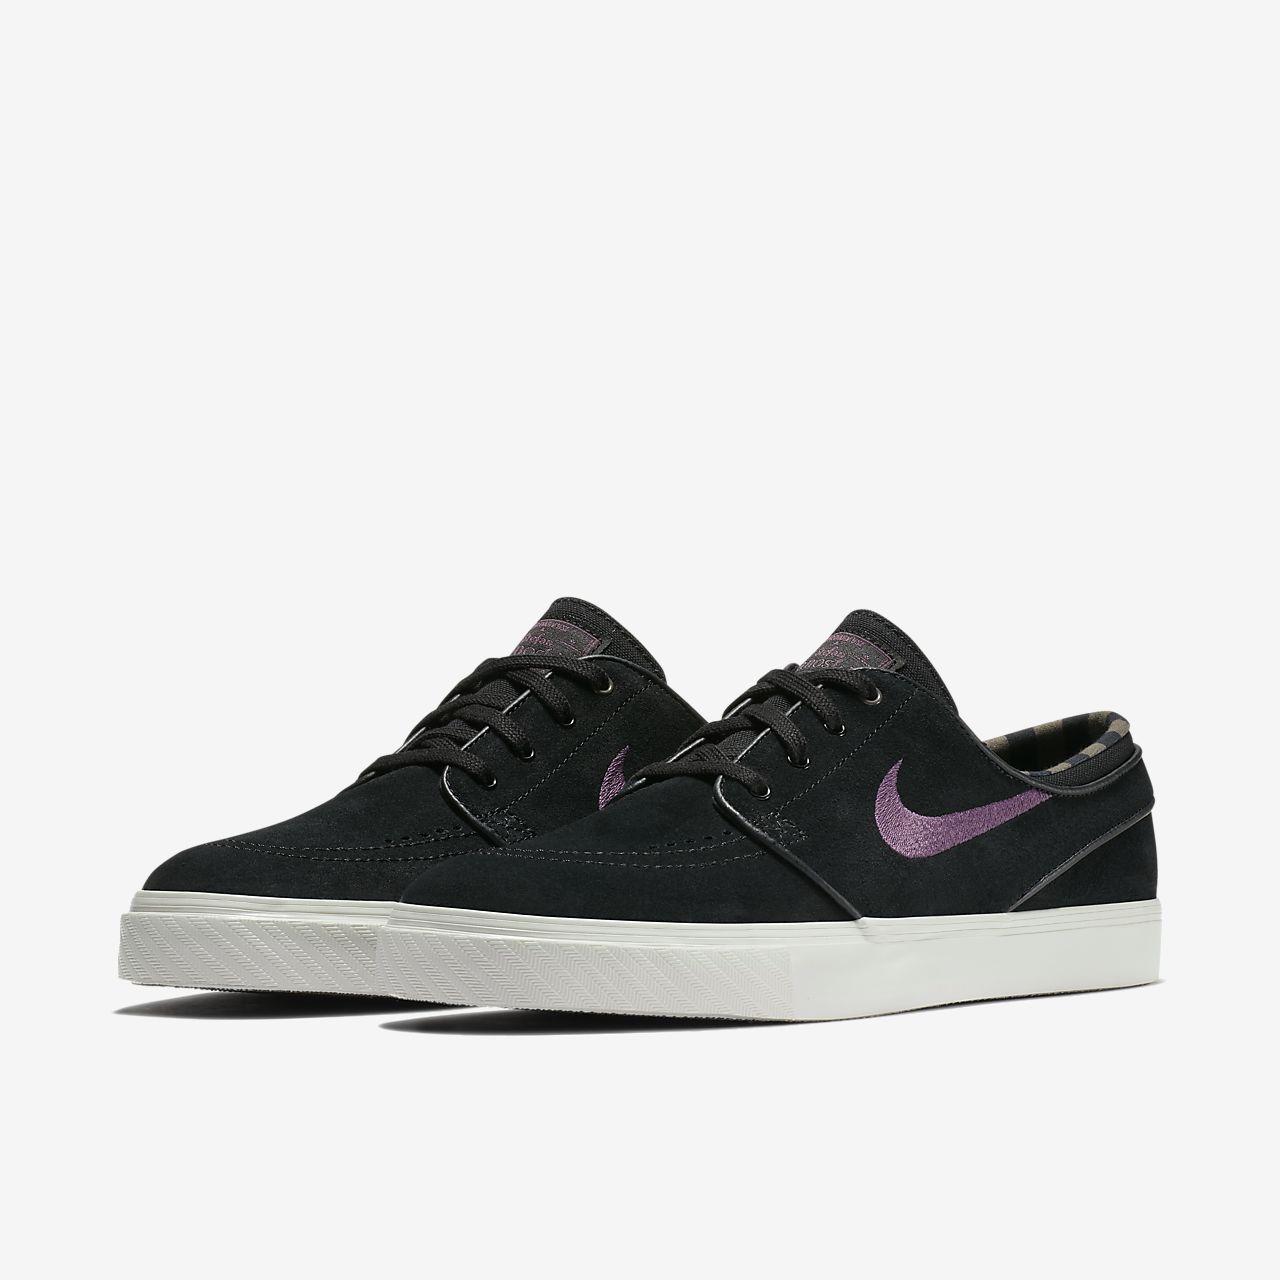 ... Nike Zoom Stefan Janoski Men's Skateboarding Shoe